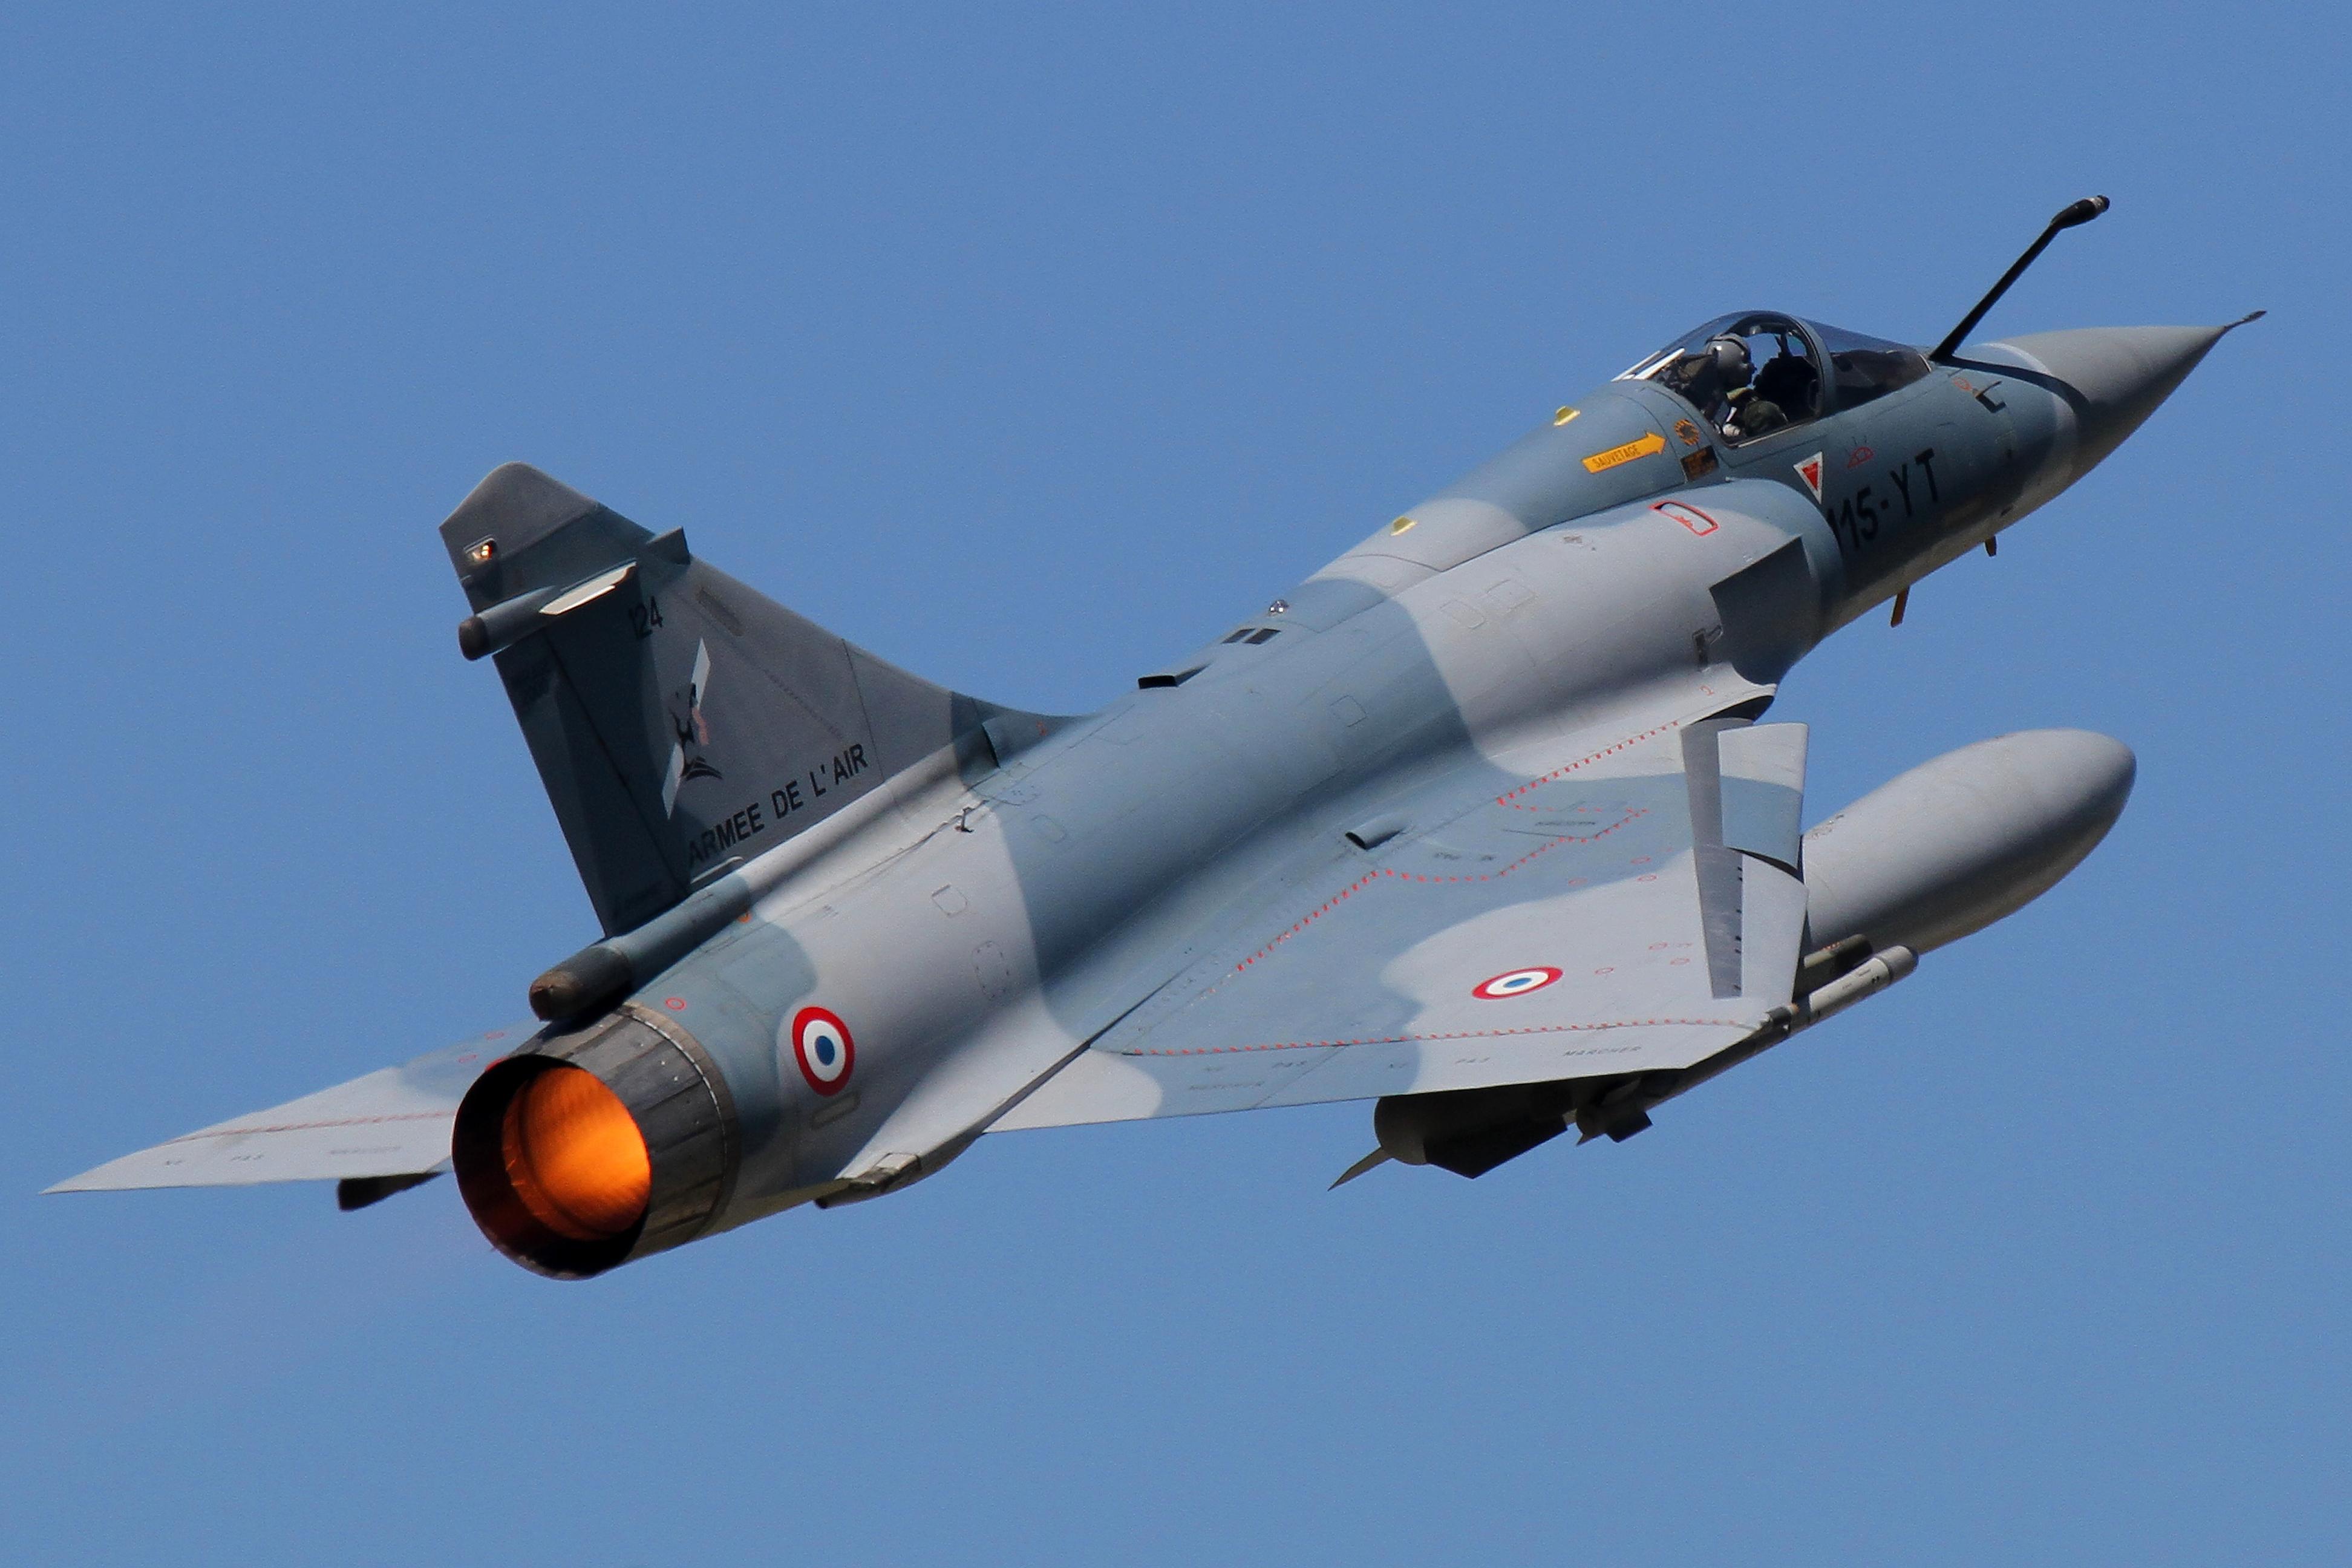 Dassault Mirage 2000 4k Ultra HD Wallpaper | Background